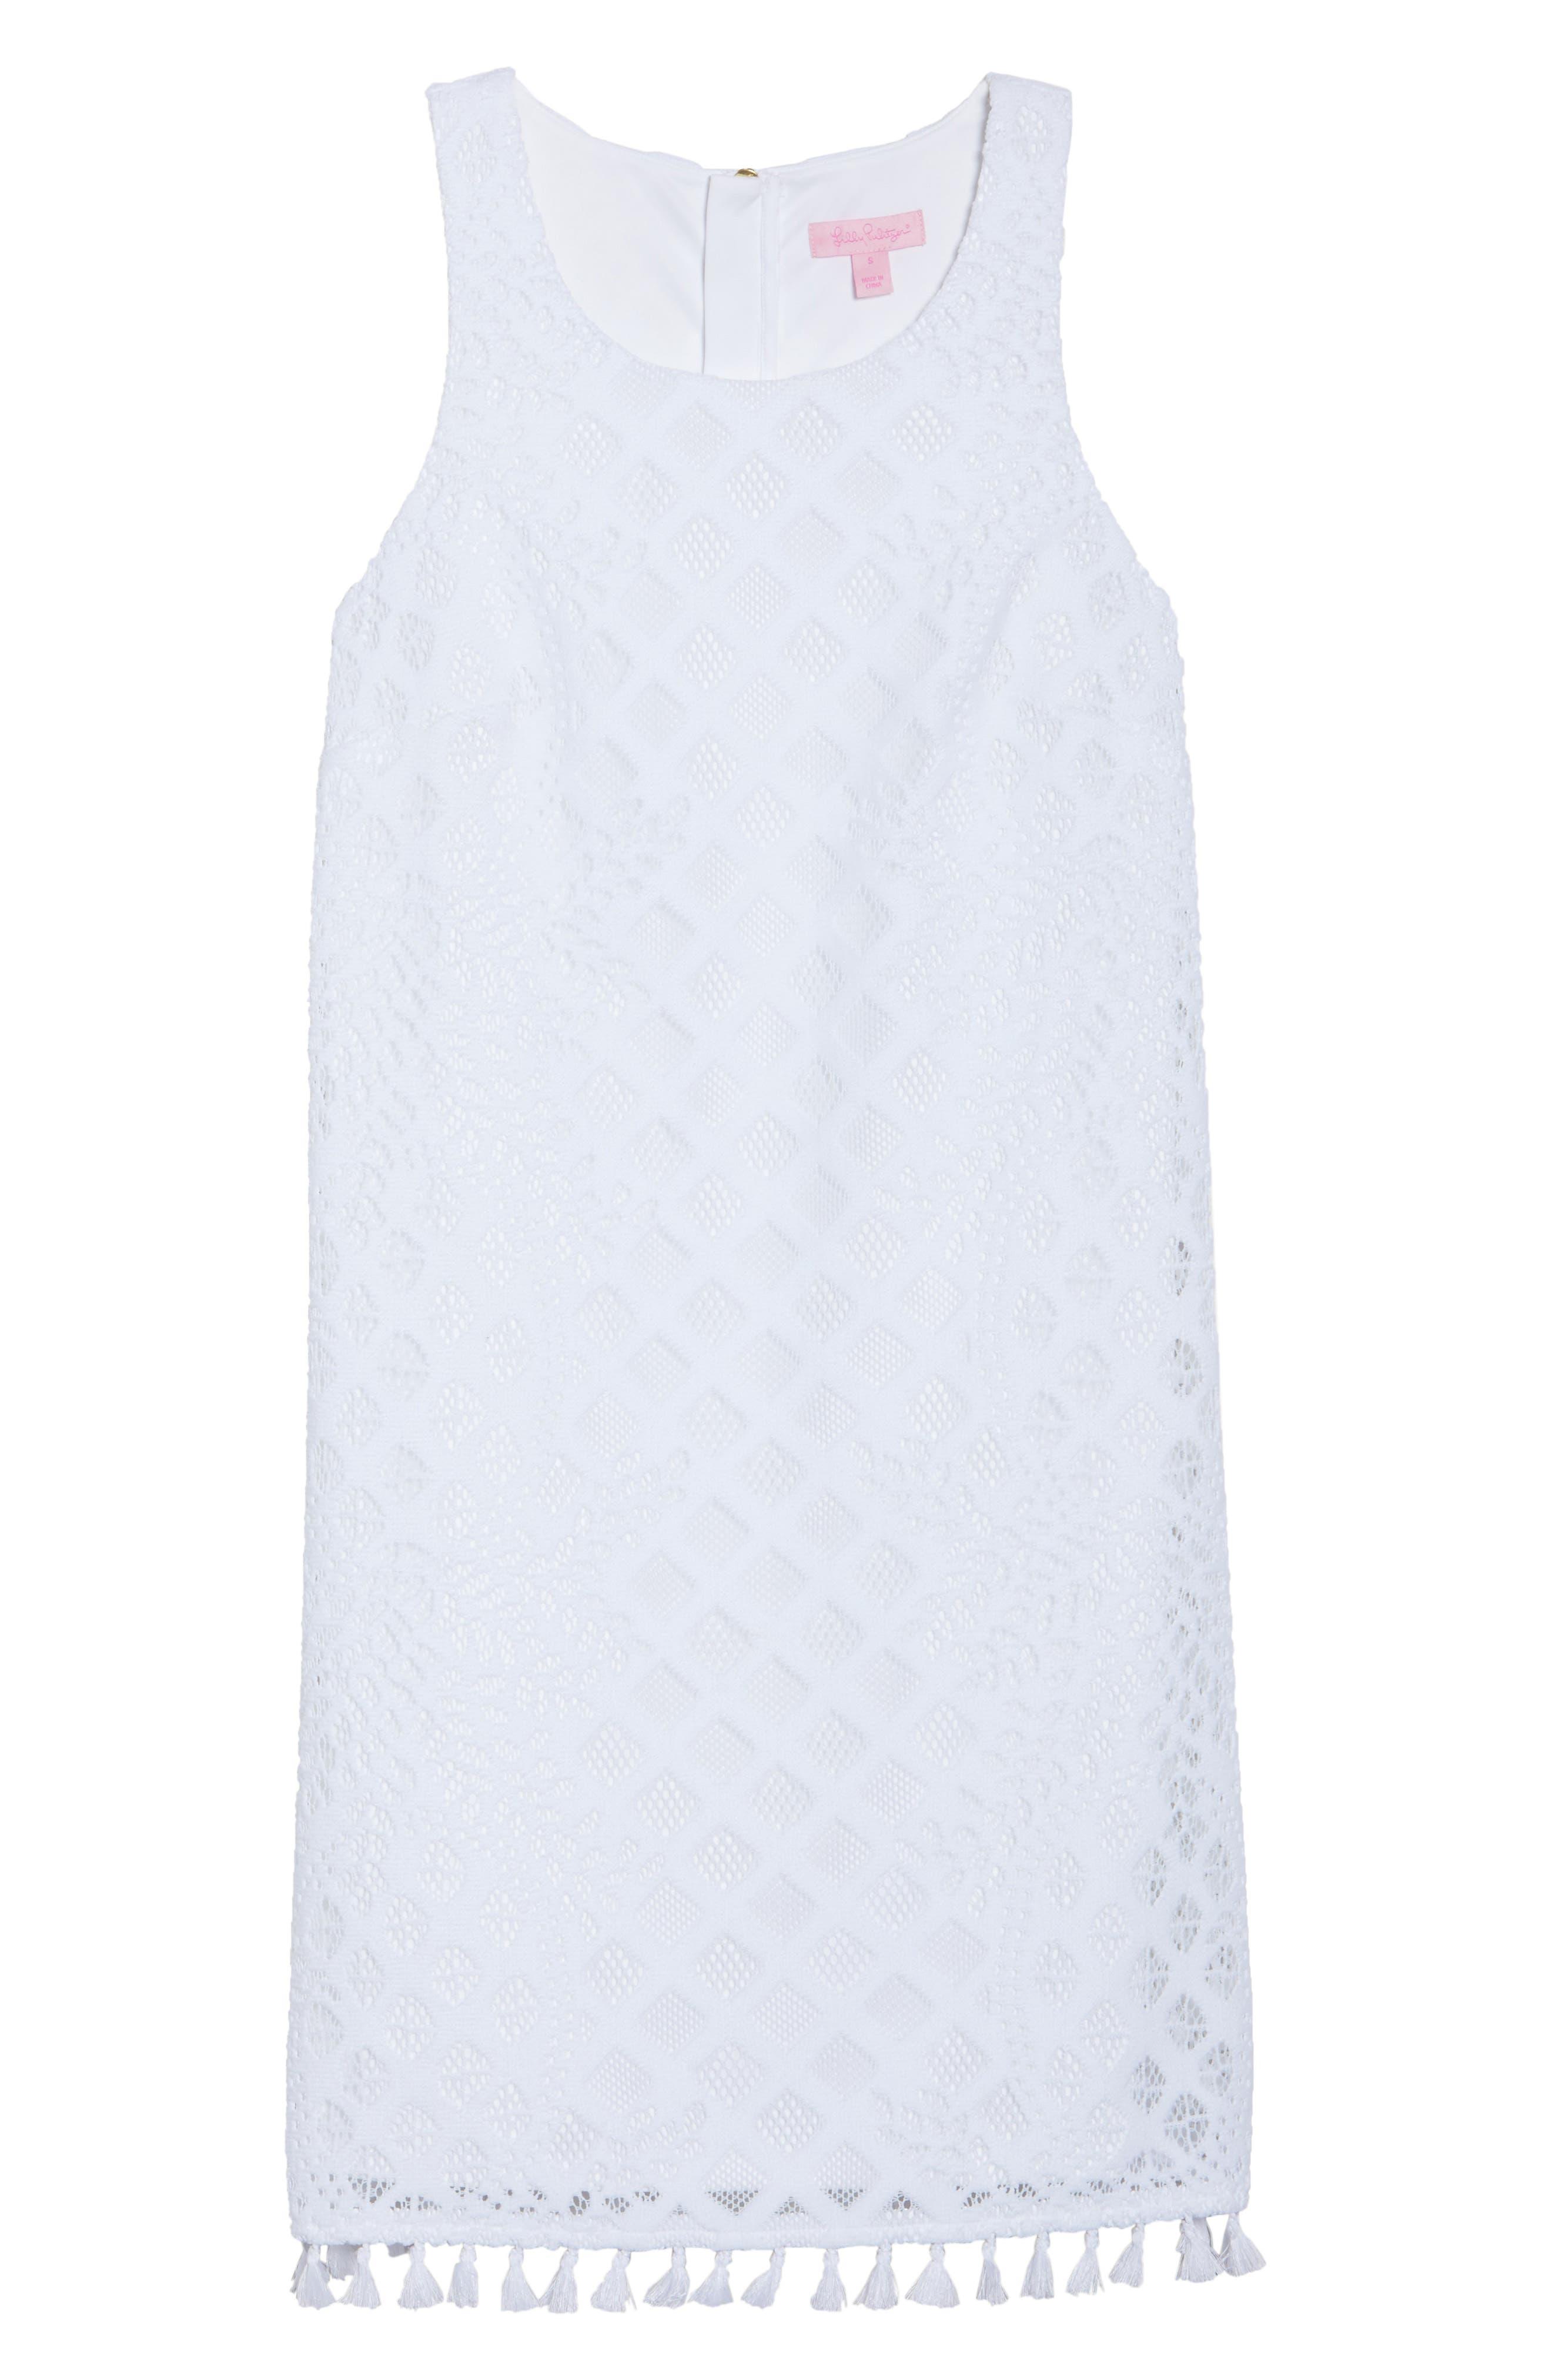 Marquette Lace Shift Dress,                             Alternate thumbnail 6, color,                             115